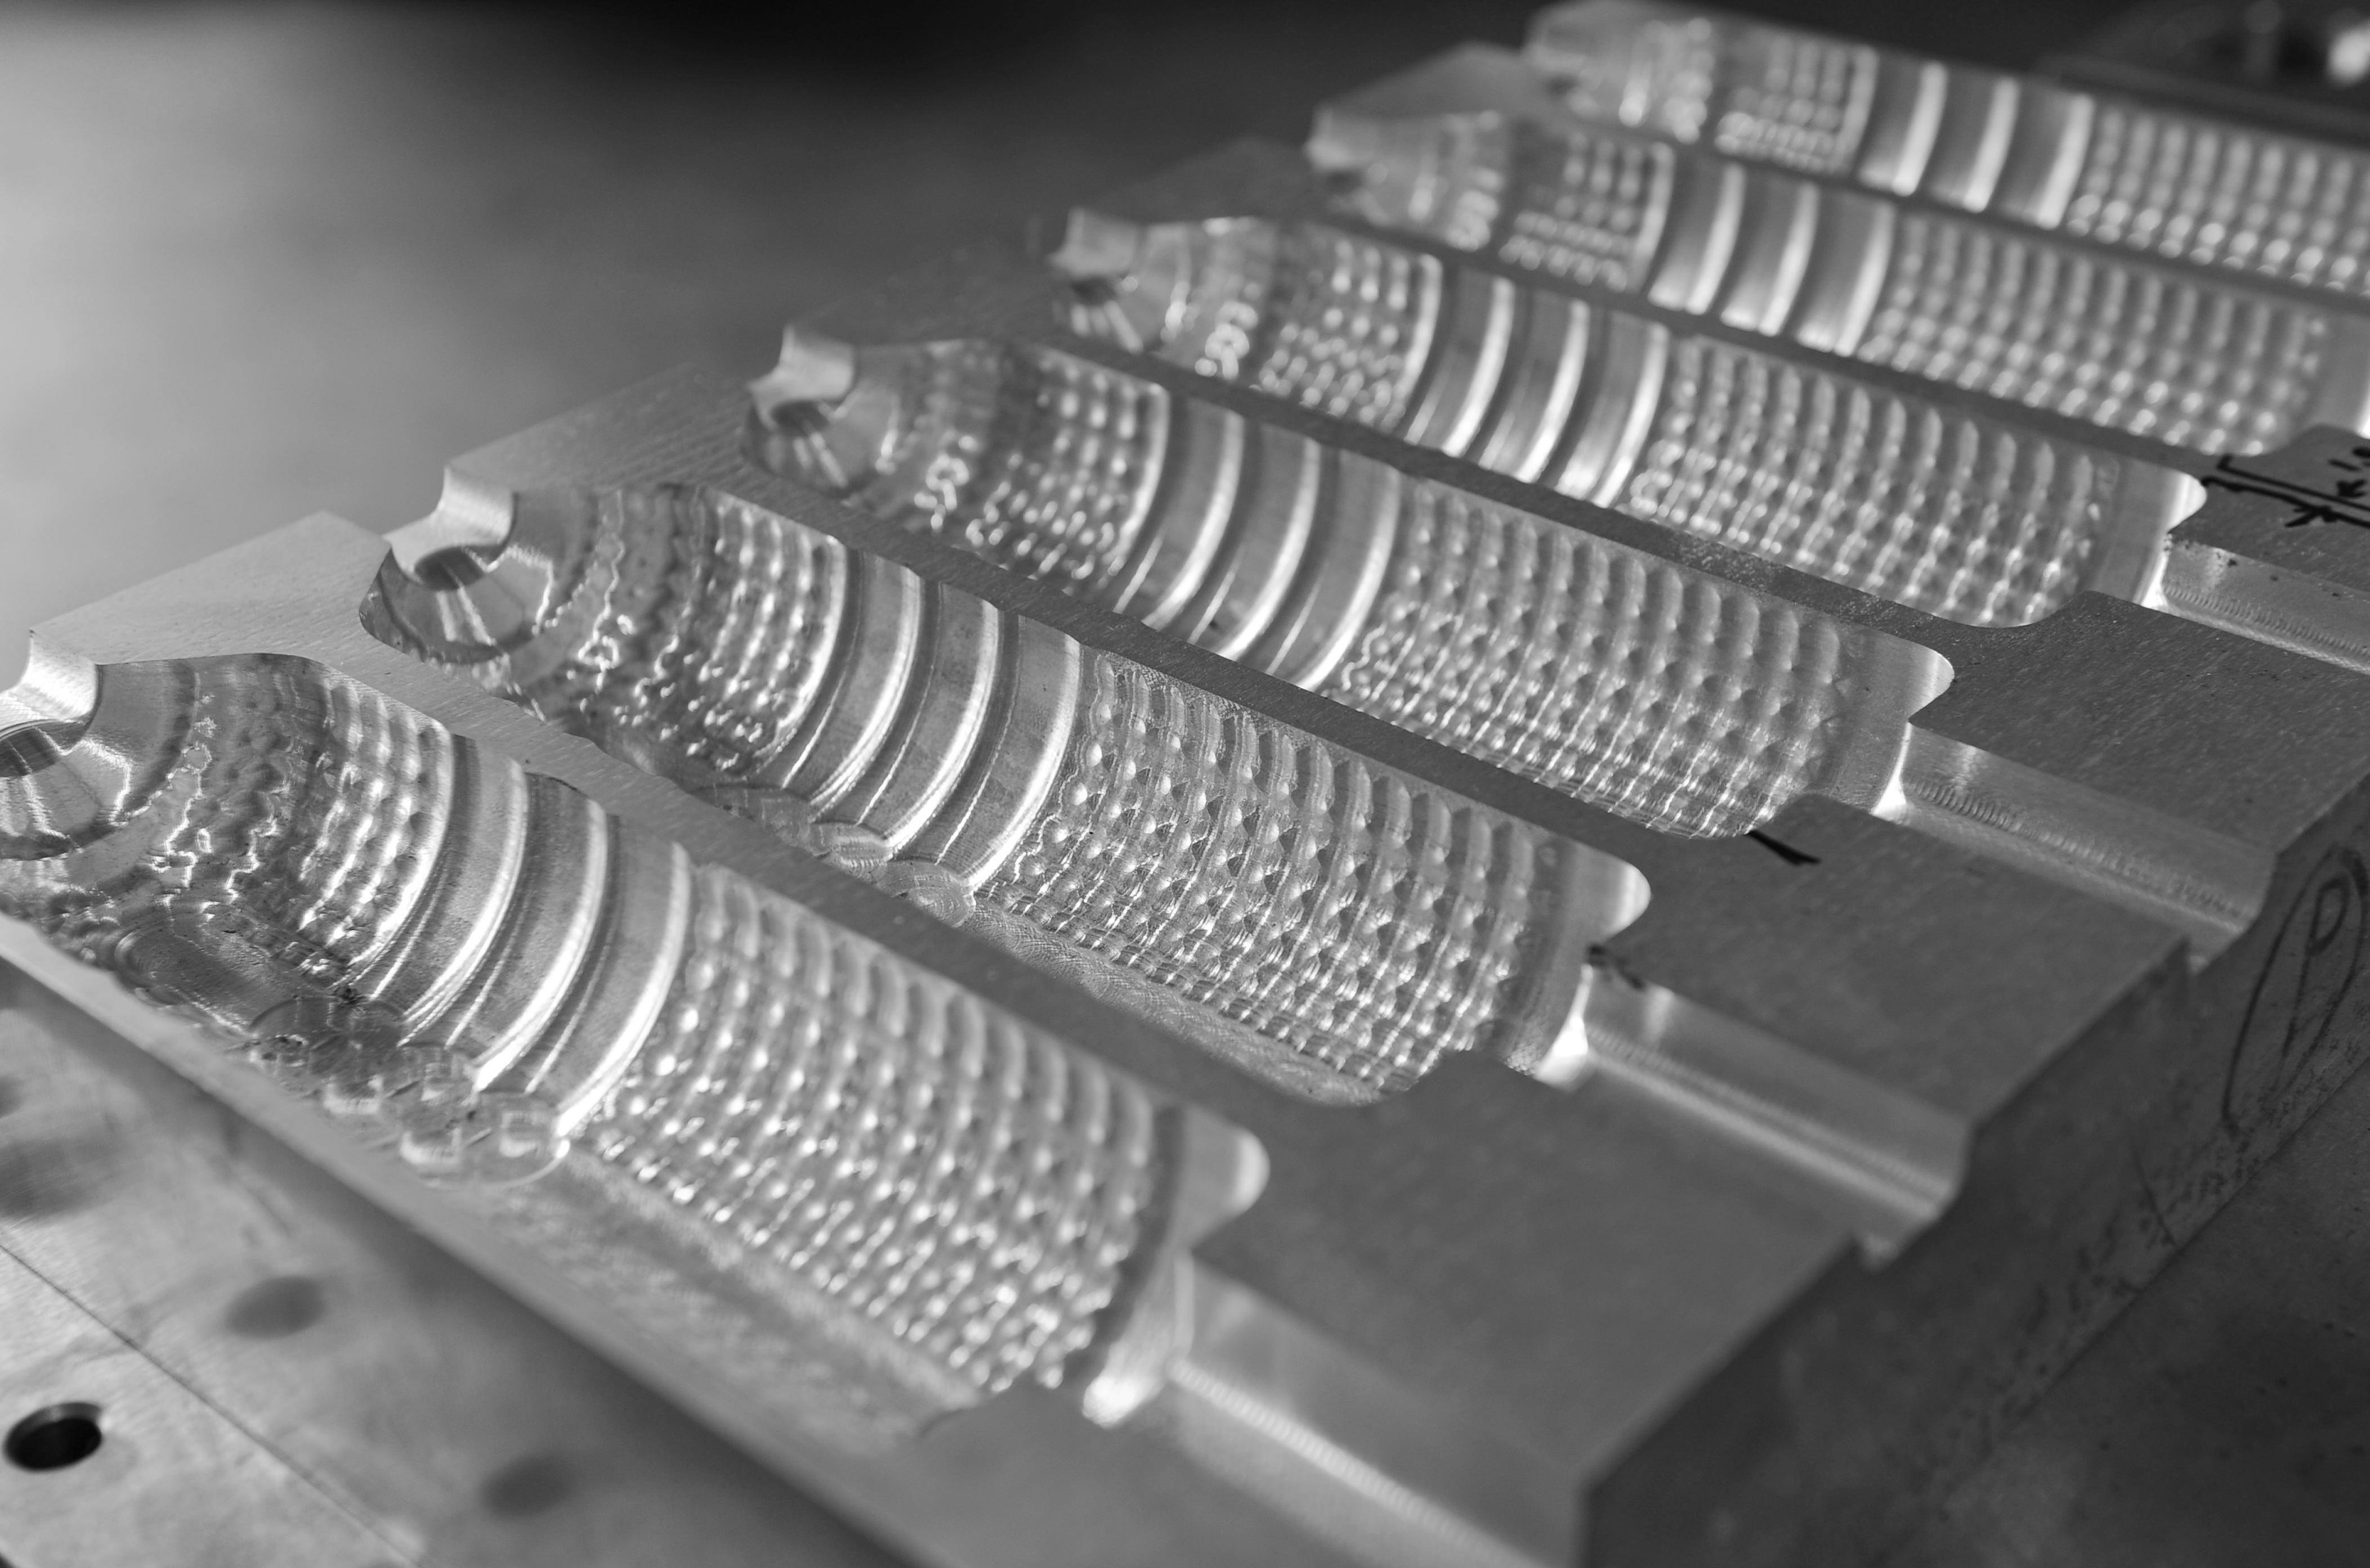 Moldes y matrices: Productos y Servicios  de Tadema